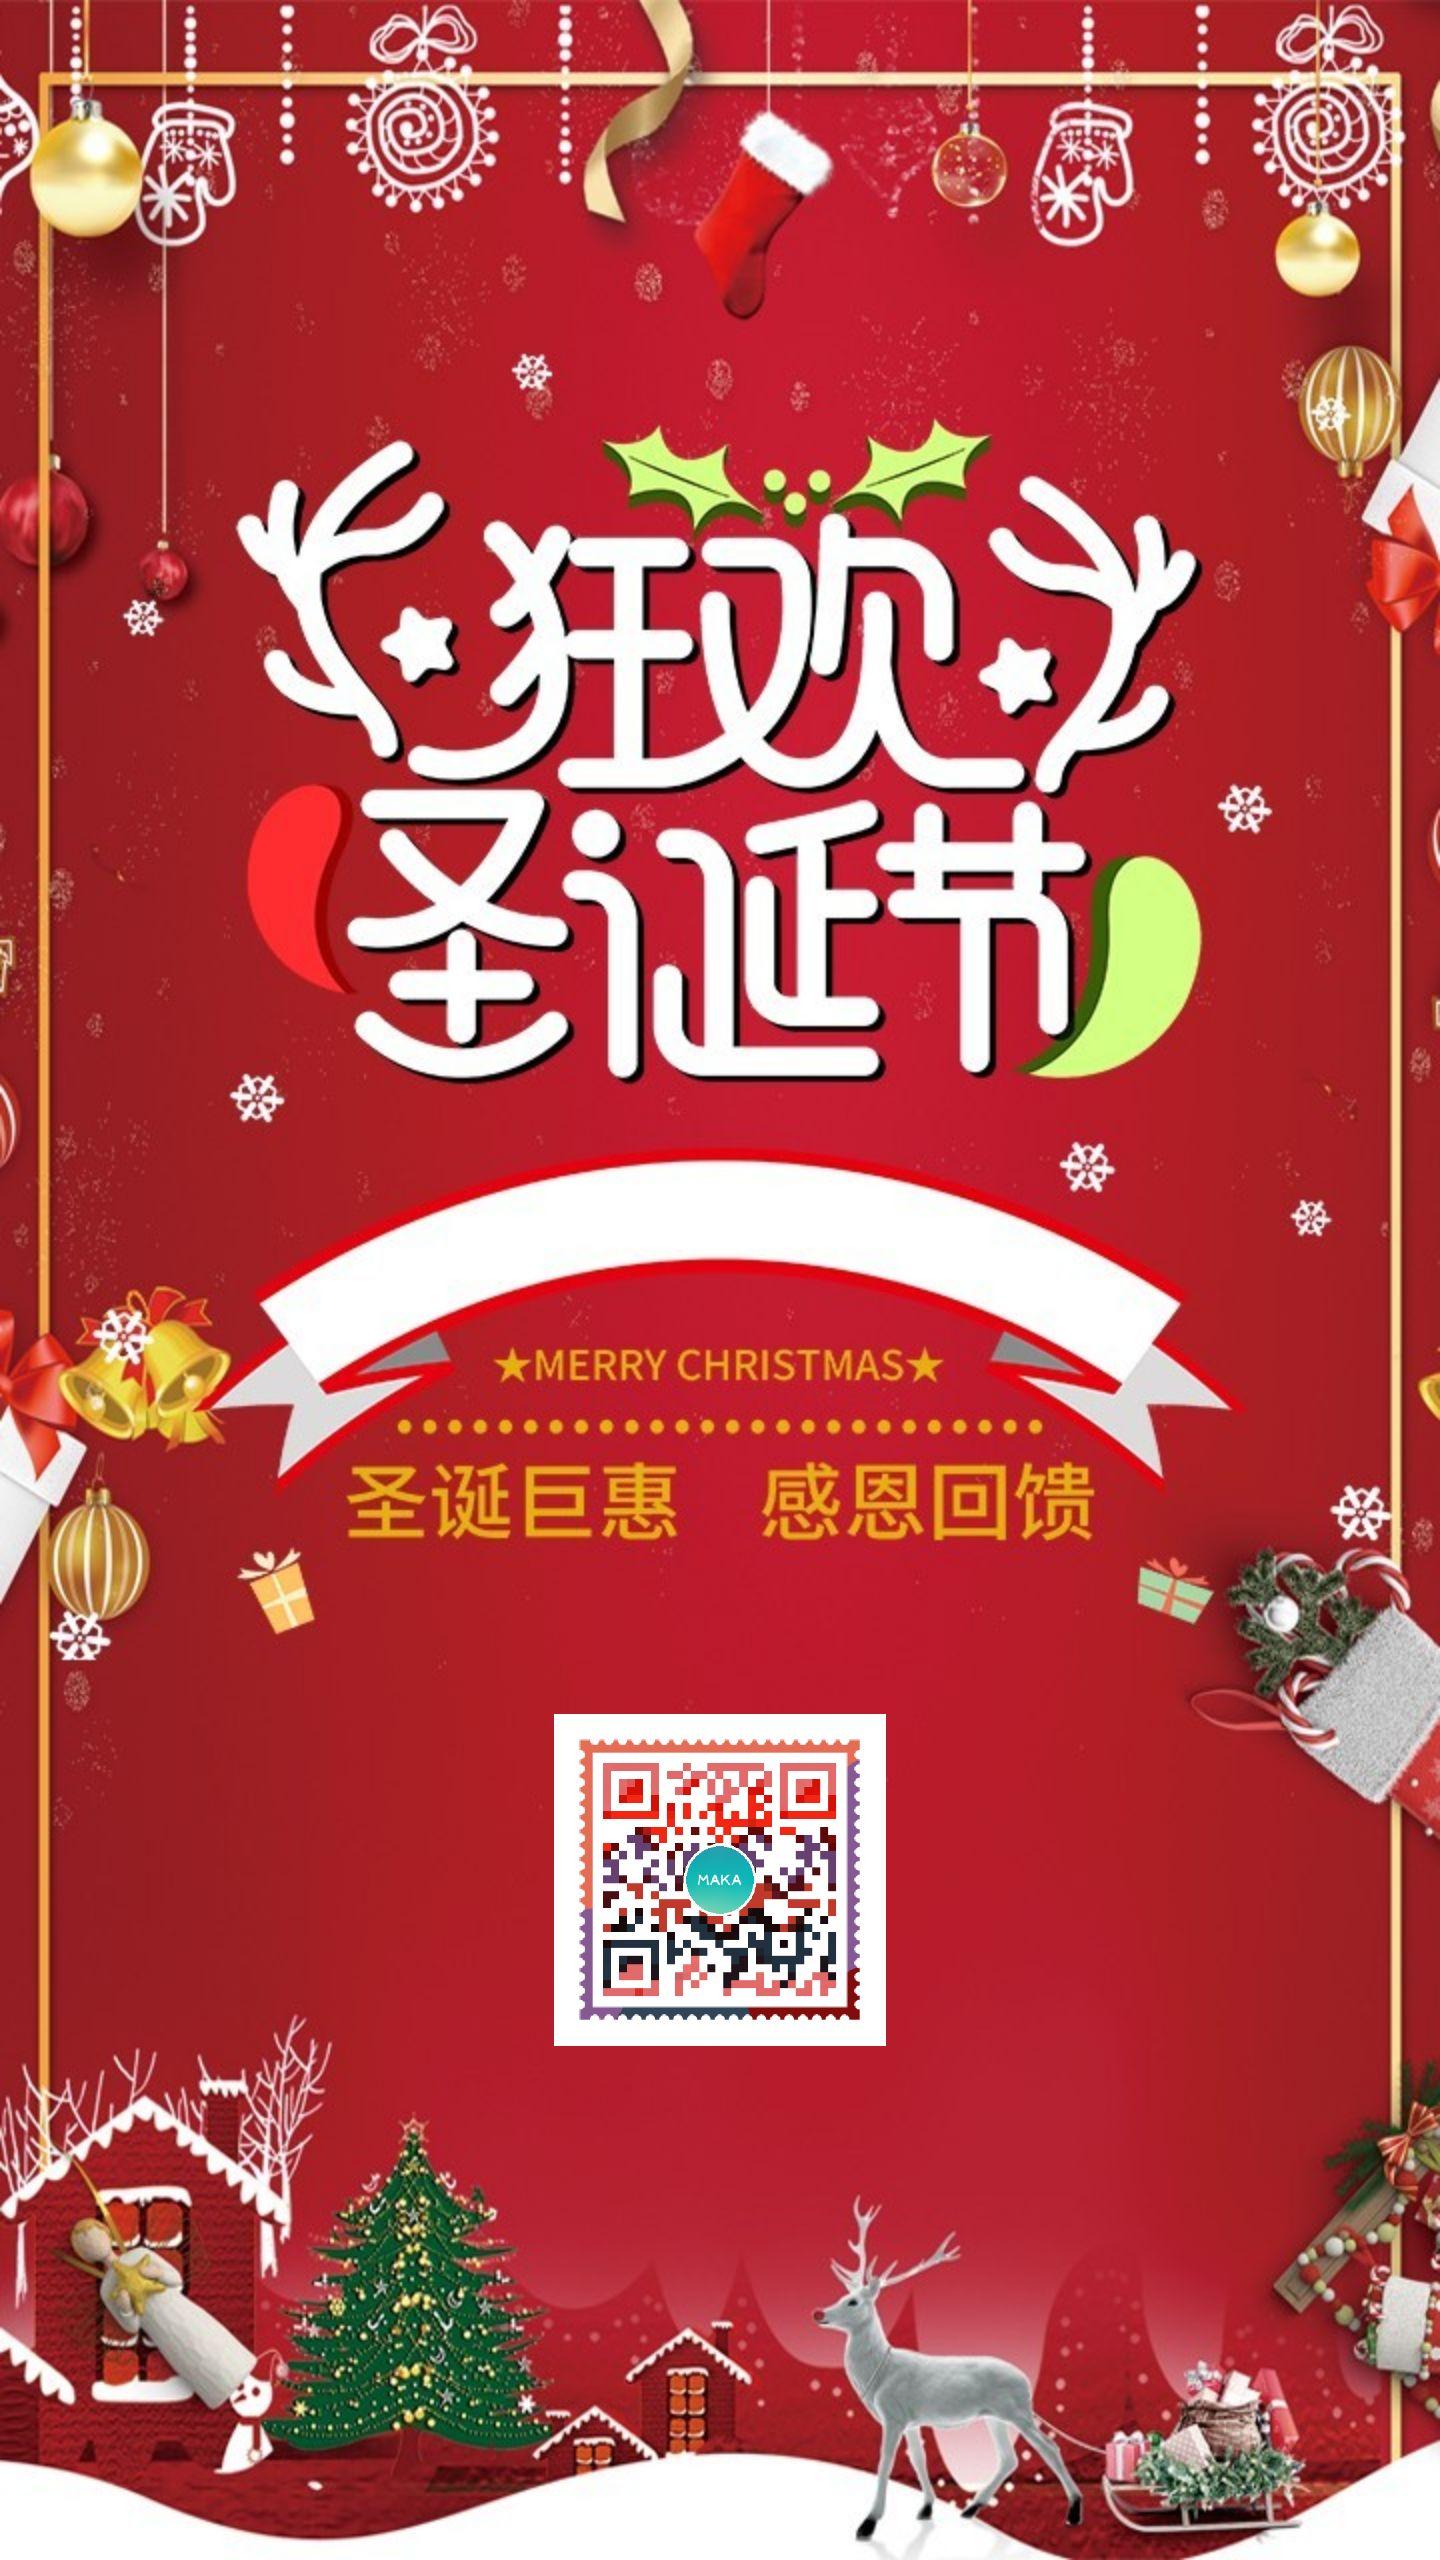 圣诞节红色简约圣诞巨惠宣传海报